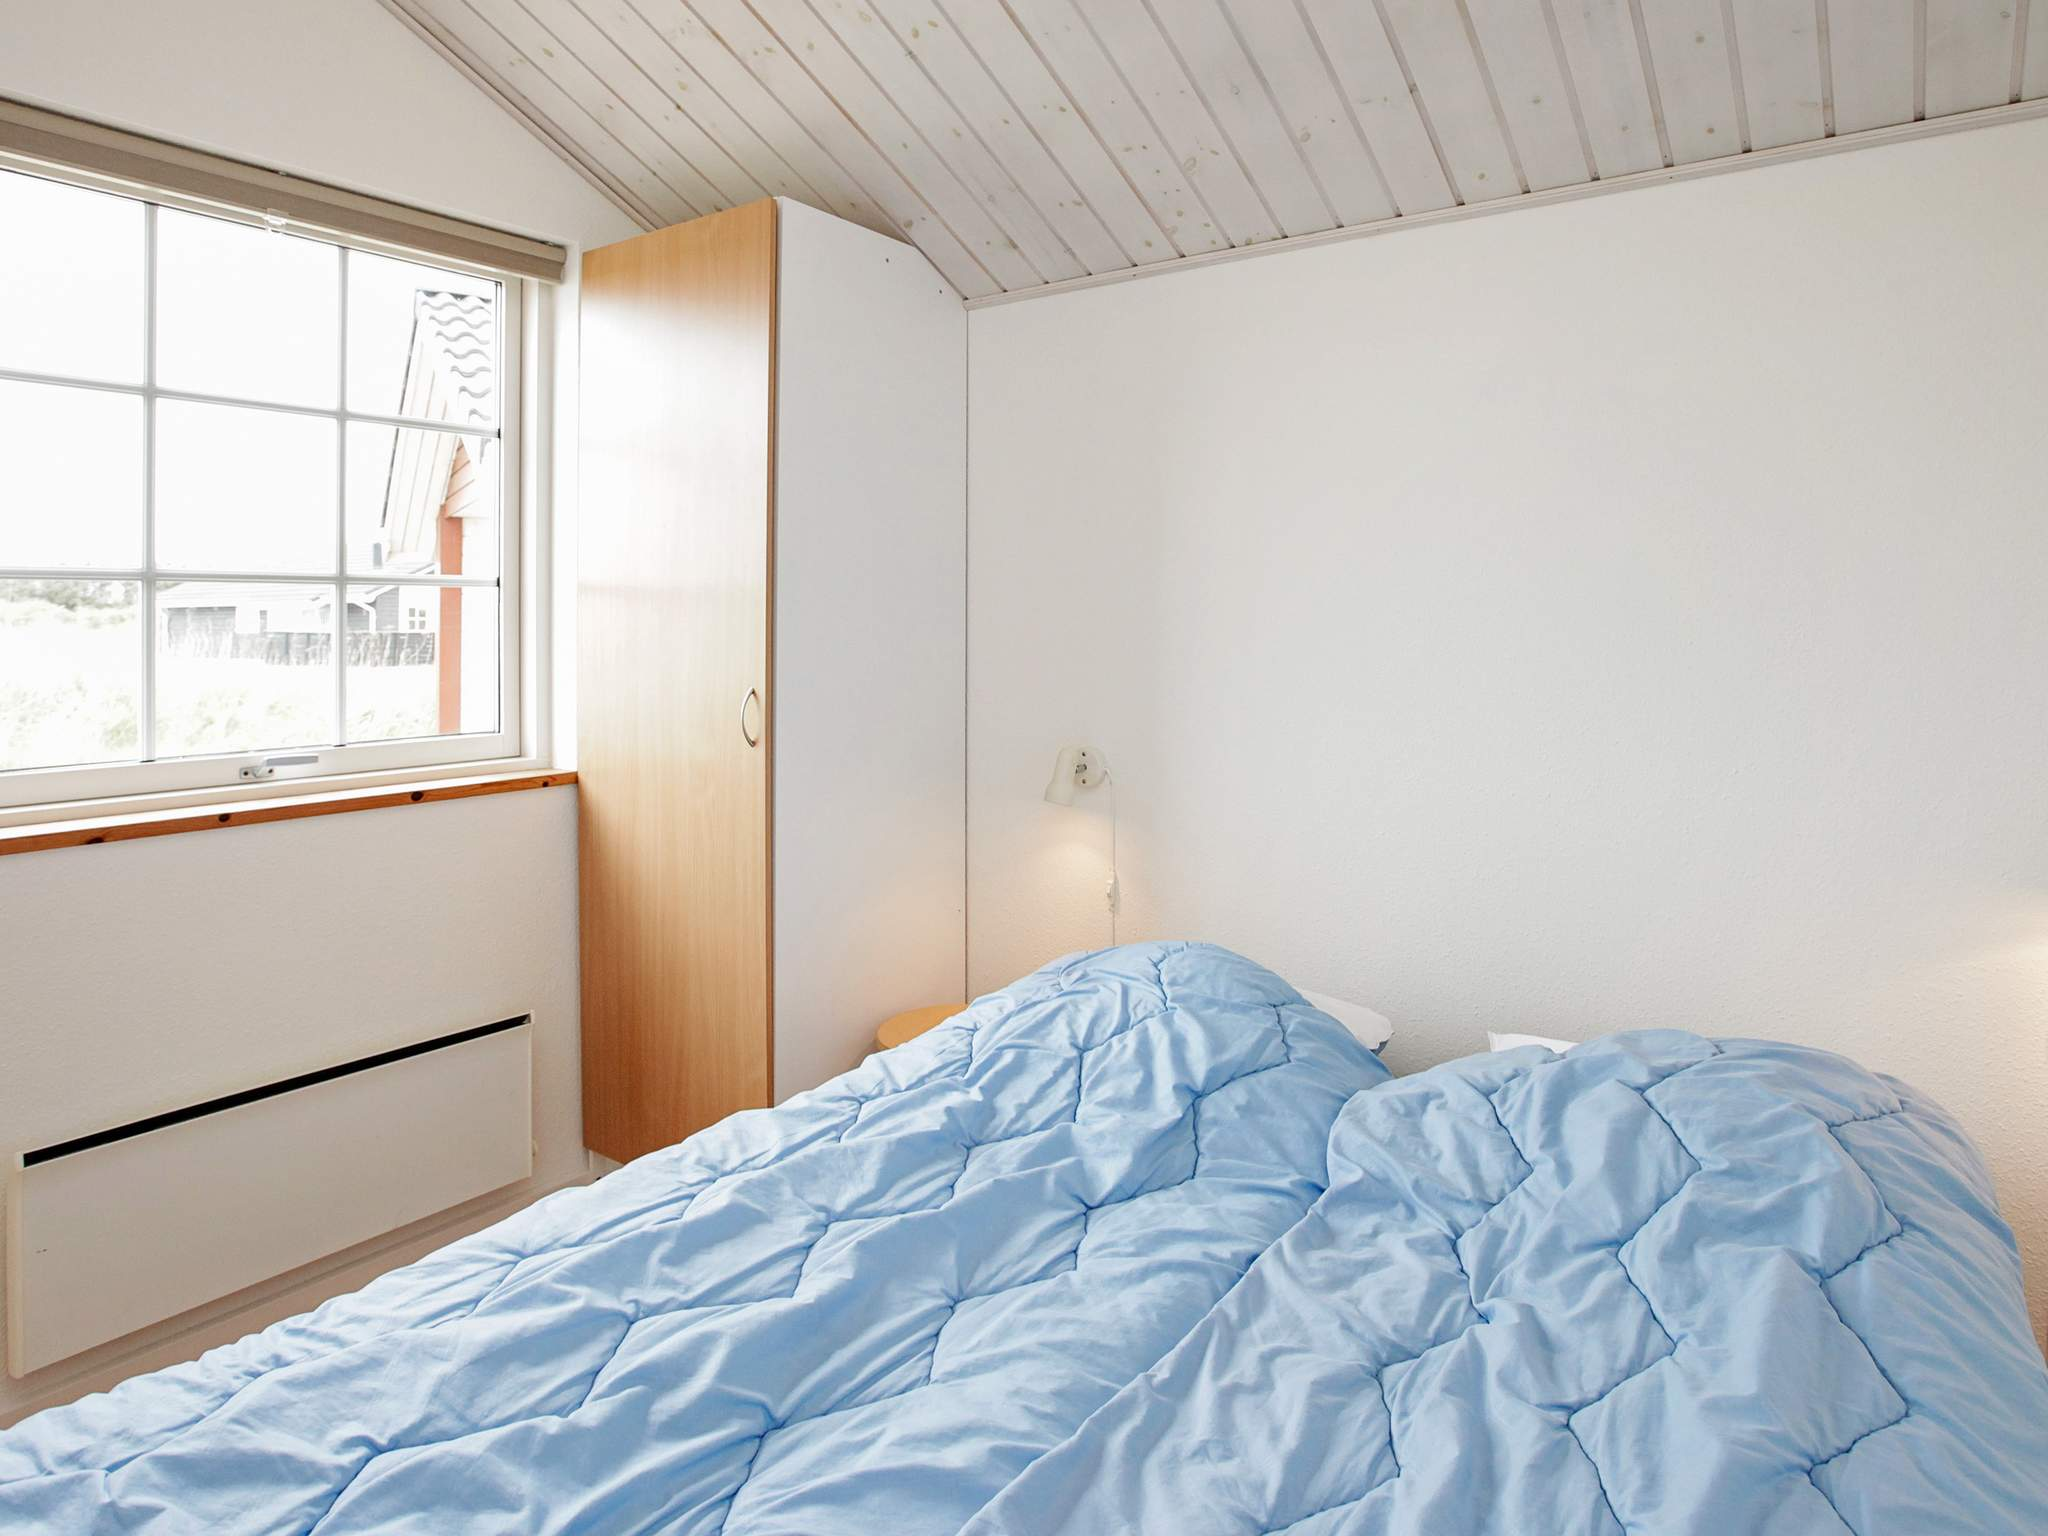 Ferienhaus Løkken (84081), Løkken, , Dänische Nordsee, Dänemark, Bild 10